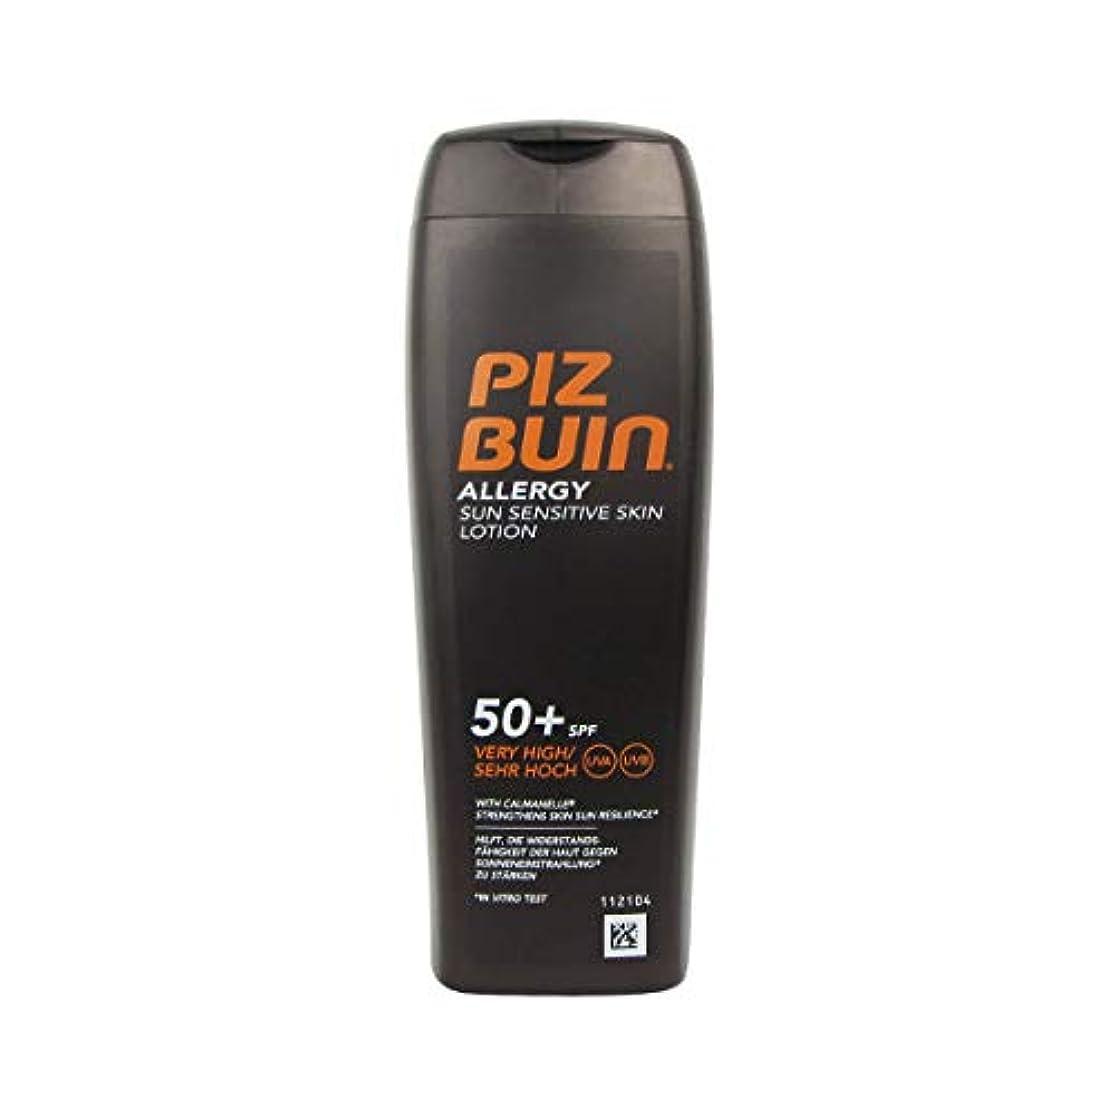 猛烈な不毛ページピッツブインアレルギーセンシティブスキンローションSPF 50+ 200ml